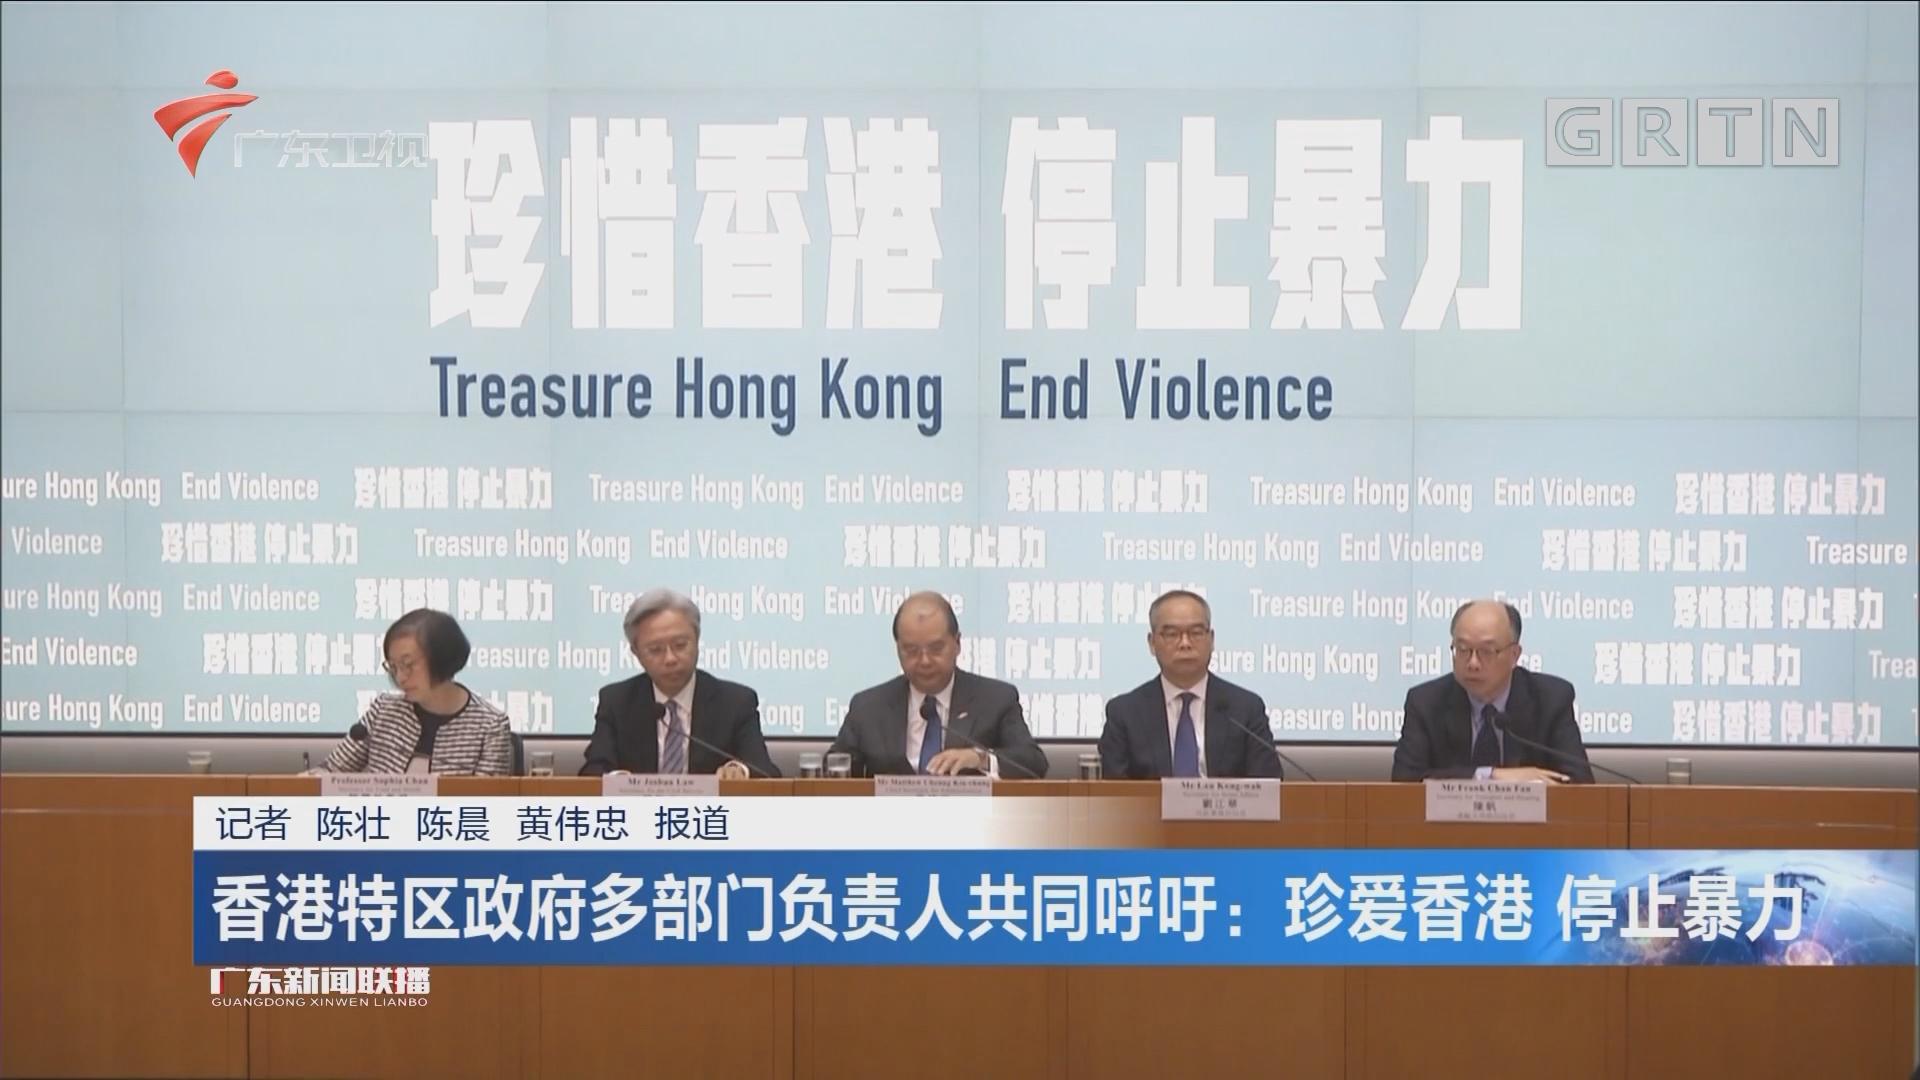 香港特区政府多部门负责人共同呼吁:珍爱香港 停止暴力